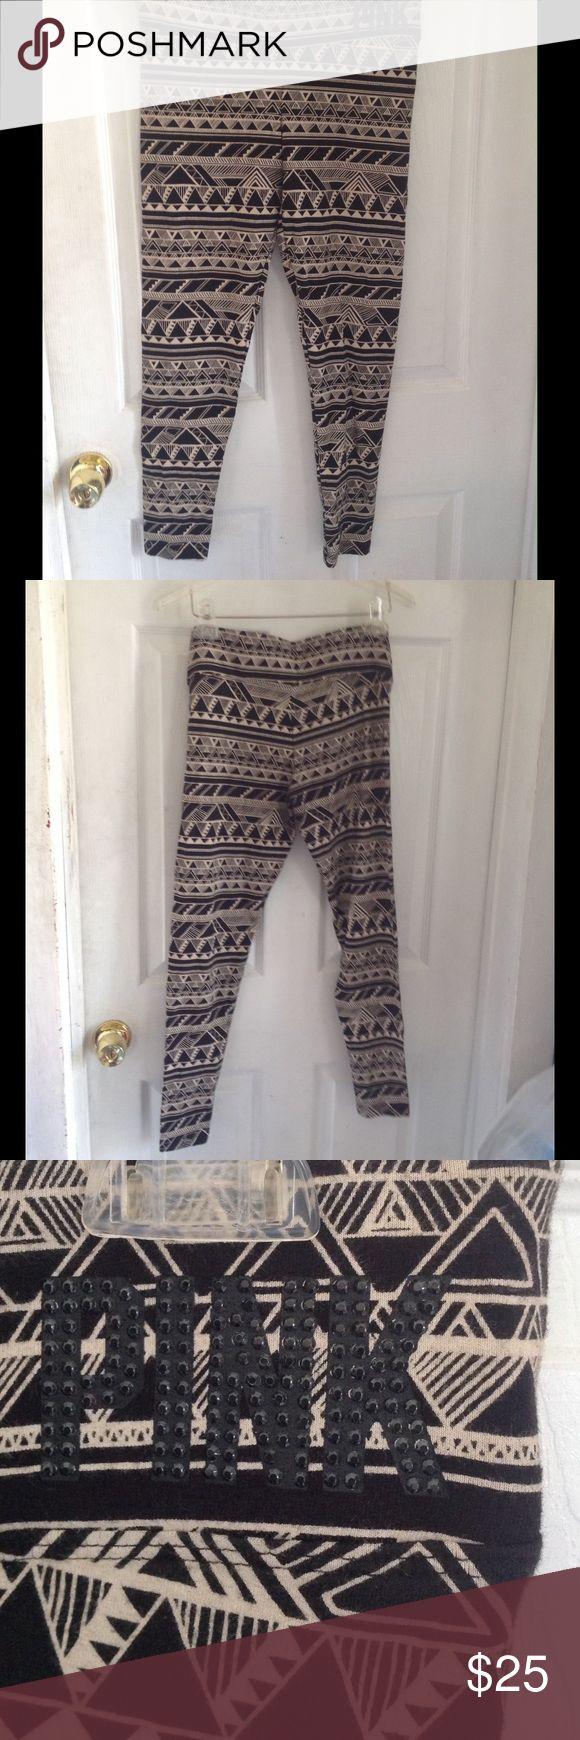 CYBER WEEK DEAL PINK VS Tribal Yoga Pants Gently used. No signs of wear. Really cute. Rhinestones intact. Victoria's Secret Pants Leggings